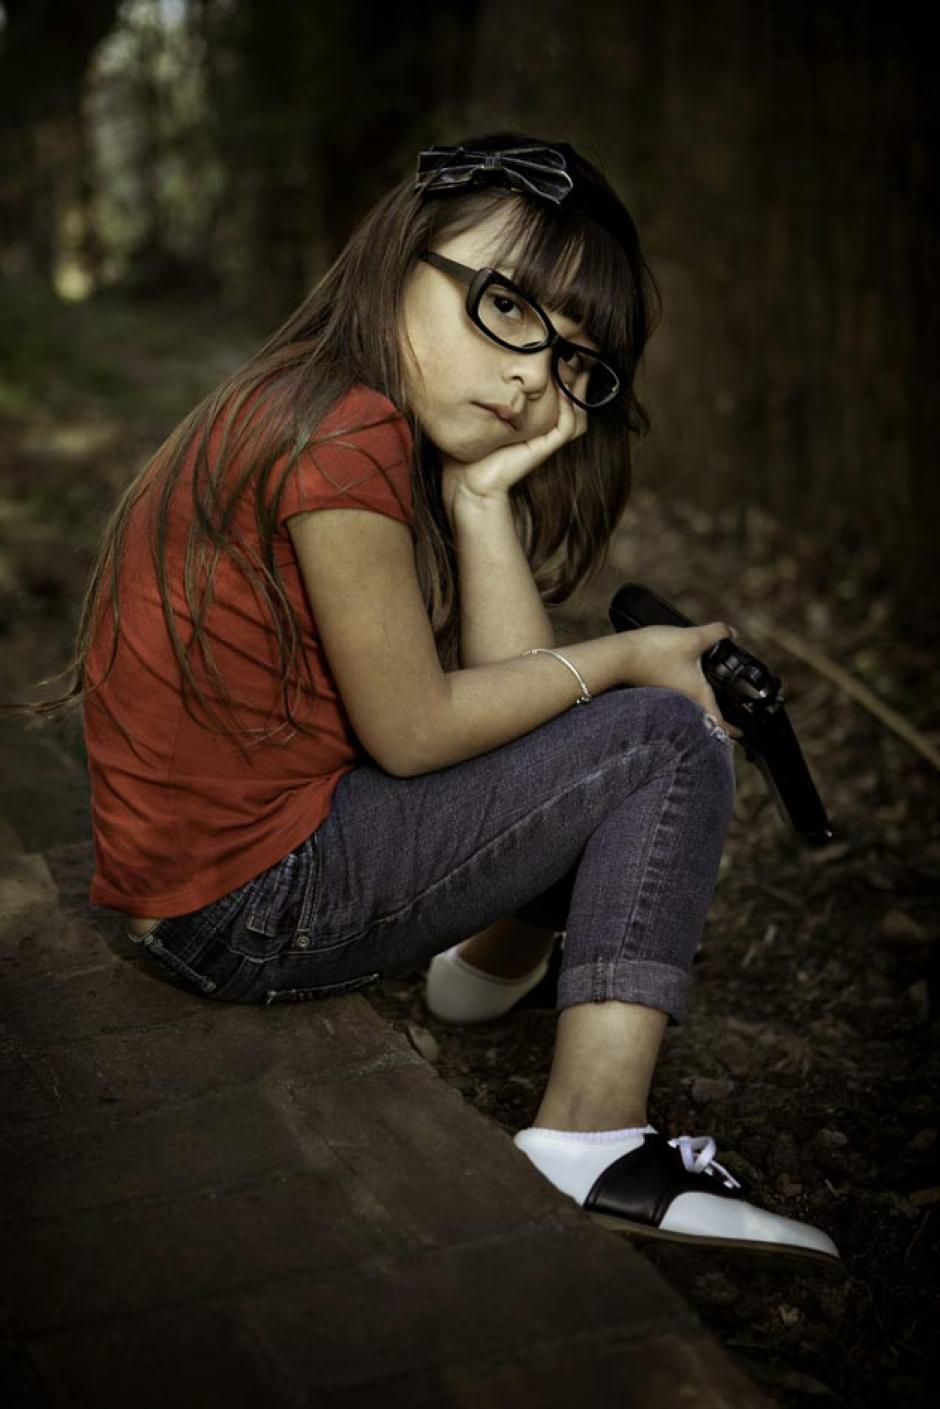 Los niños utilizados para la fotografía son originarios de Newtown